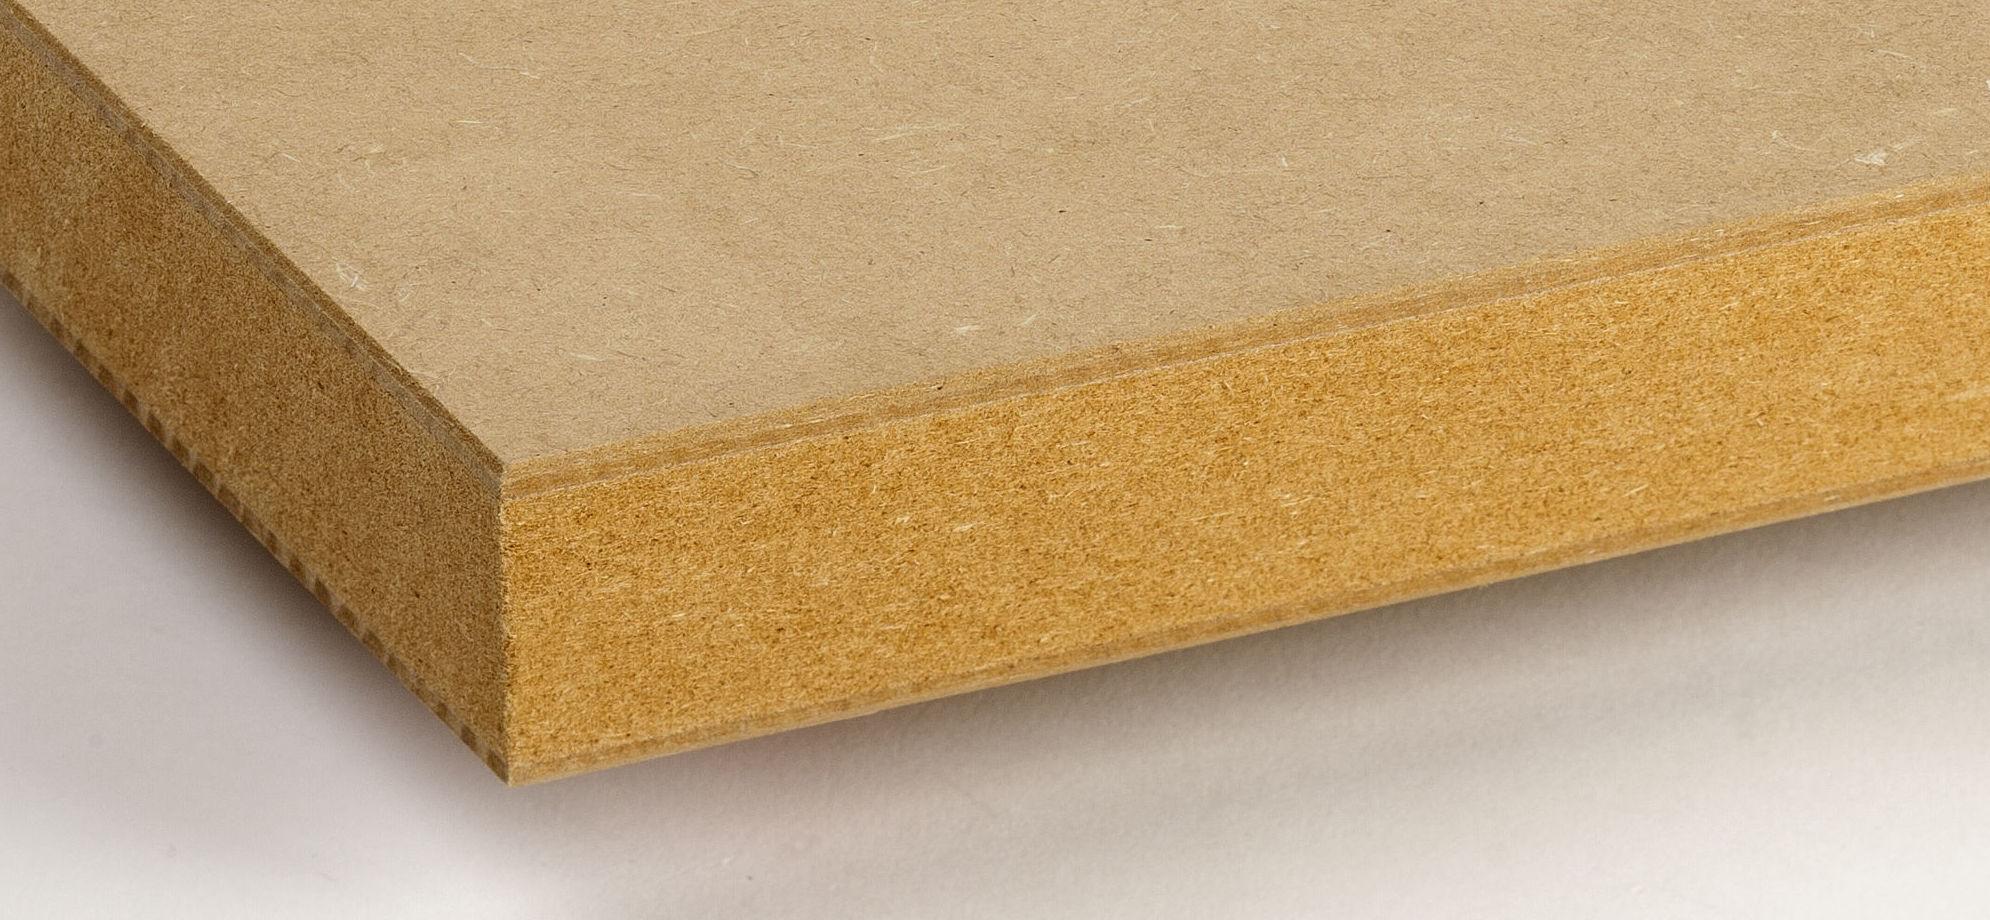 Finlight Mdf con caras de 3 mm: Productos y servicios   de Maderas Fernández Garrido, S.A.